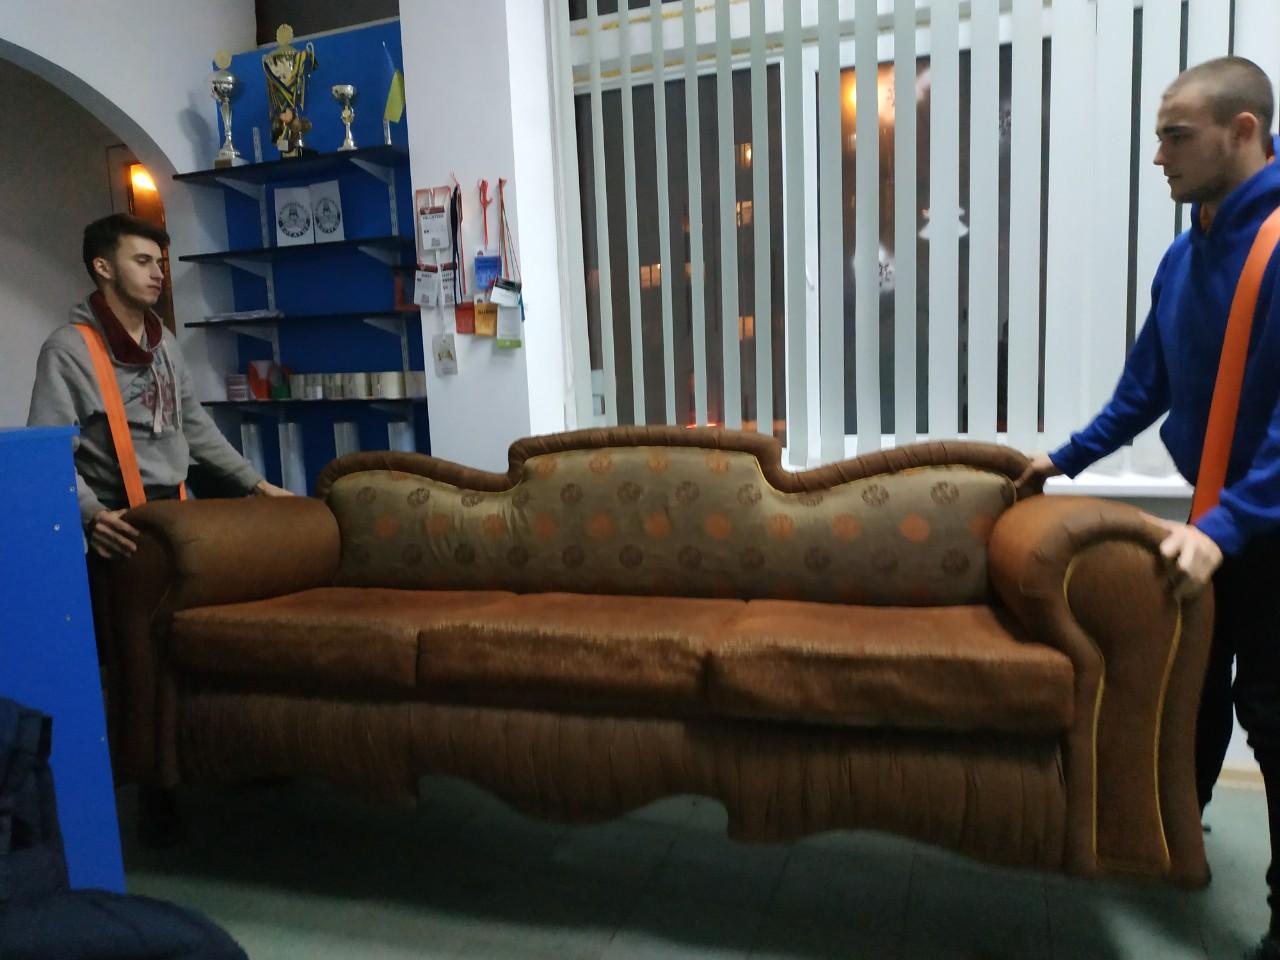 утилизация бытовой техники - Украинский Богатырь